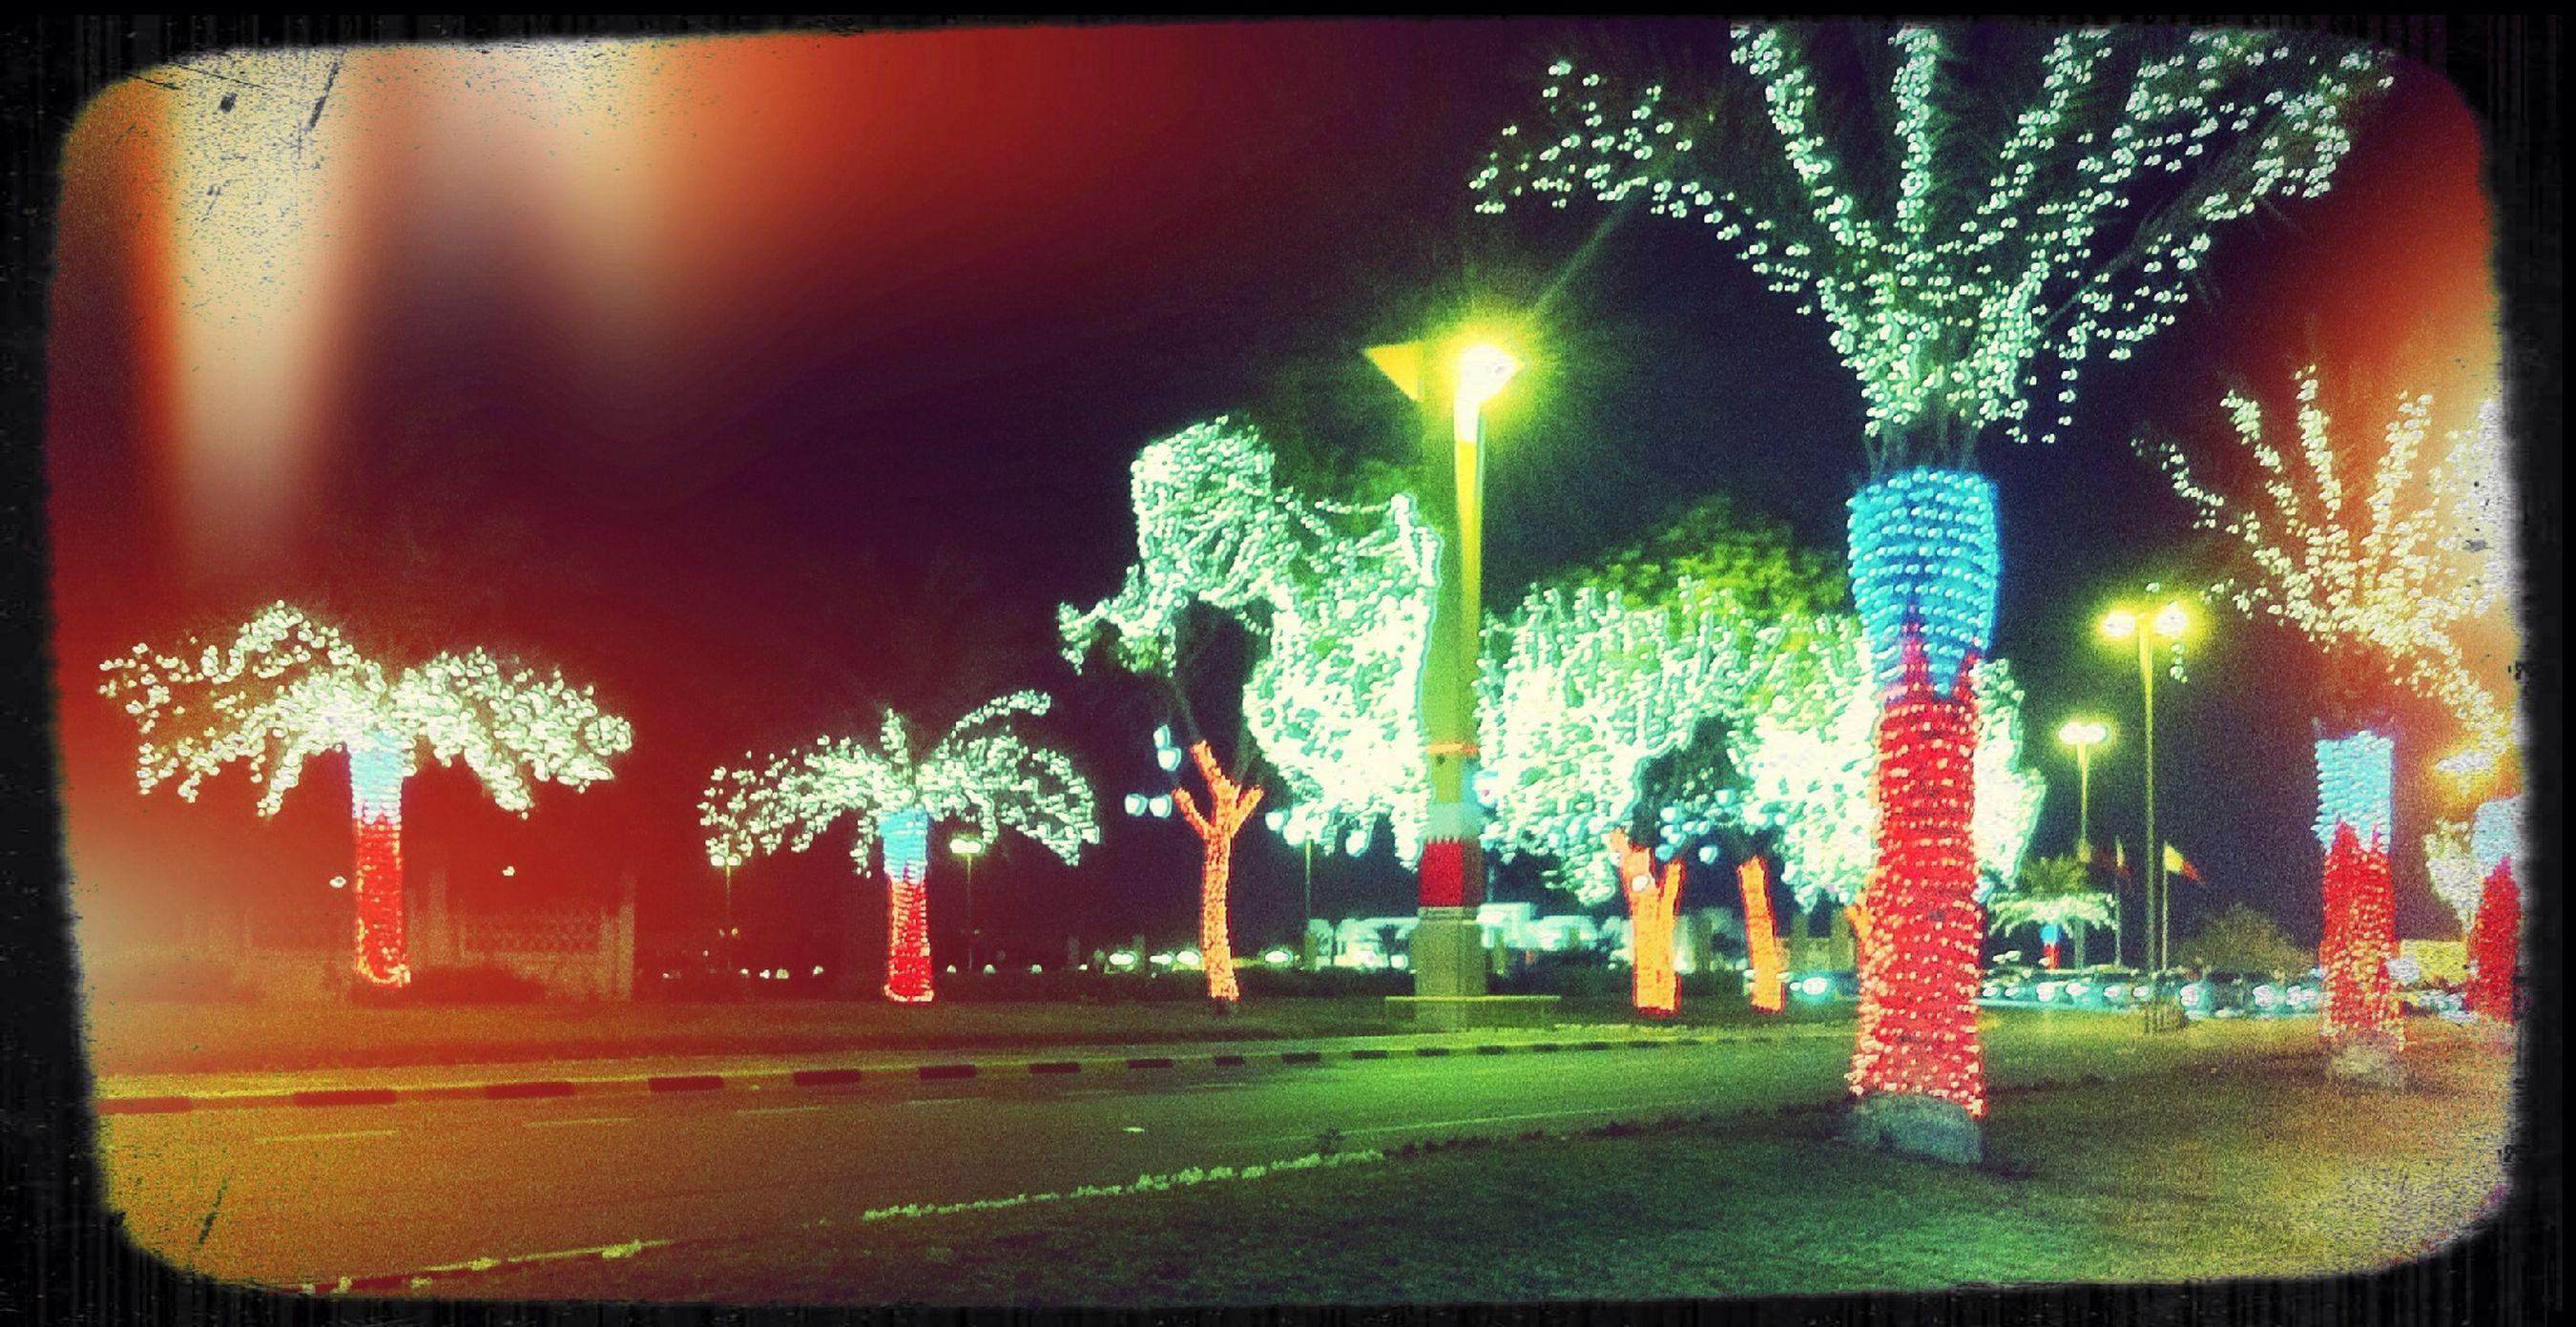 Bahrain at Al Riffa Bahrain